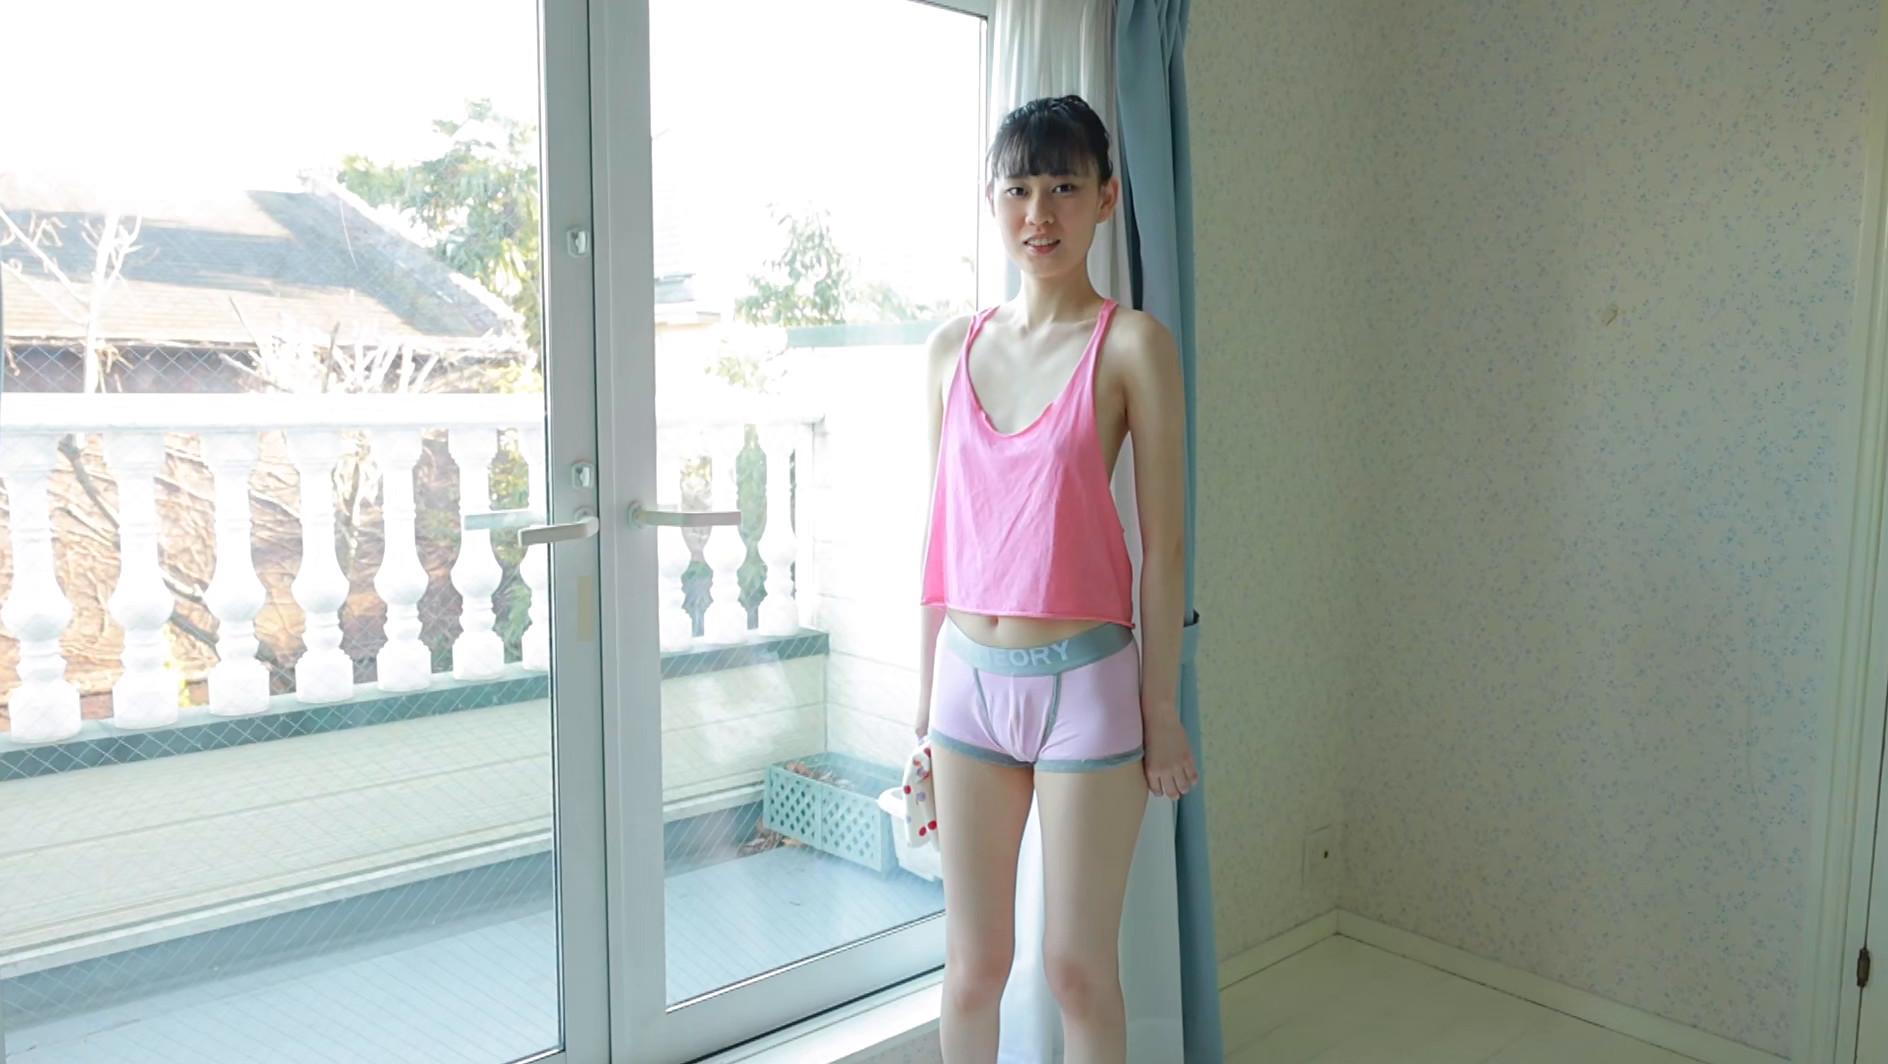 恋のスキャンダル 吉川瞳美 画像21